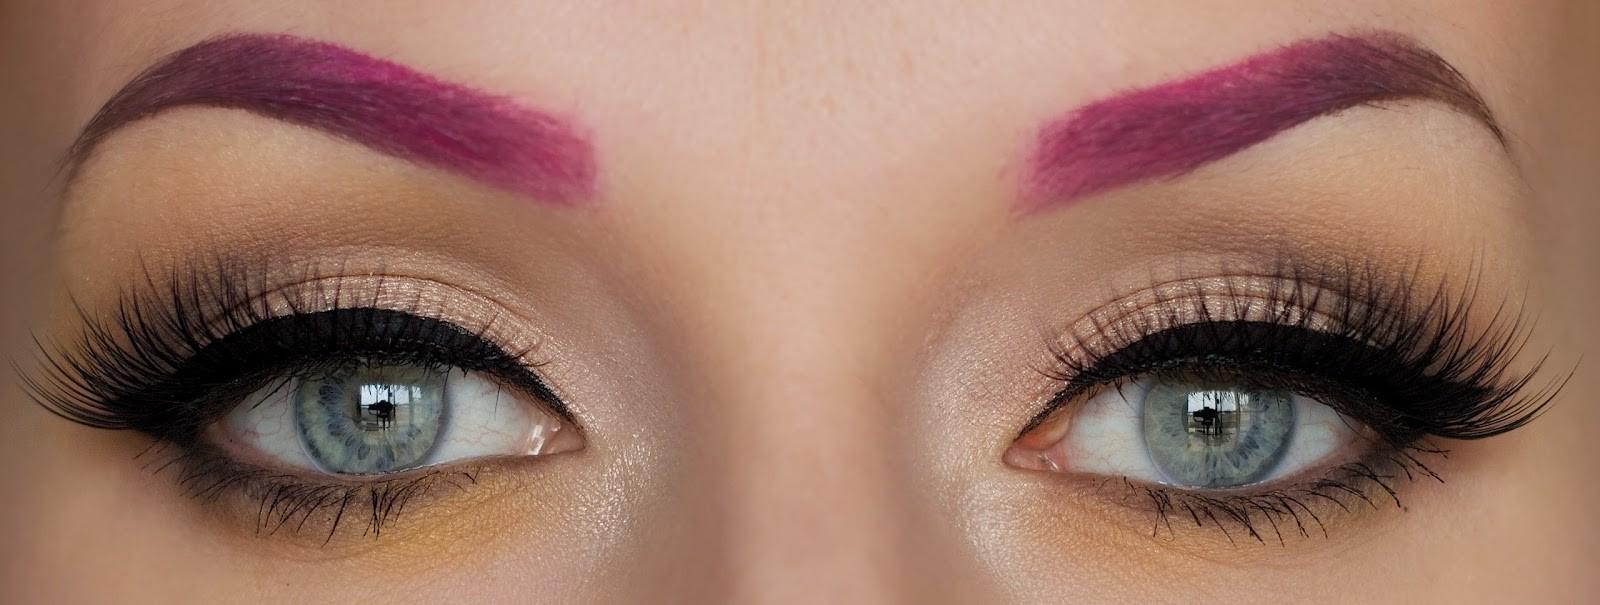 auch in rosa Farbe können Augenbrauen Wunder wirken